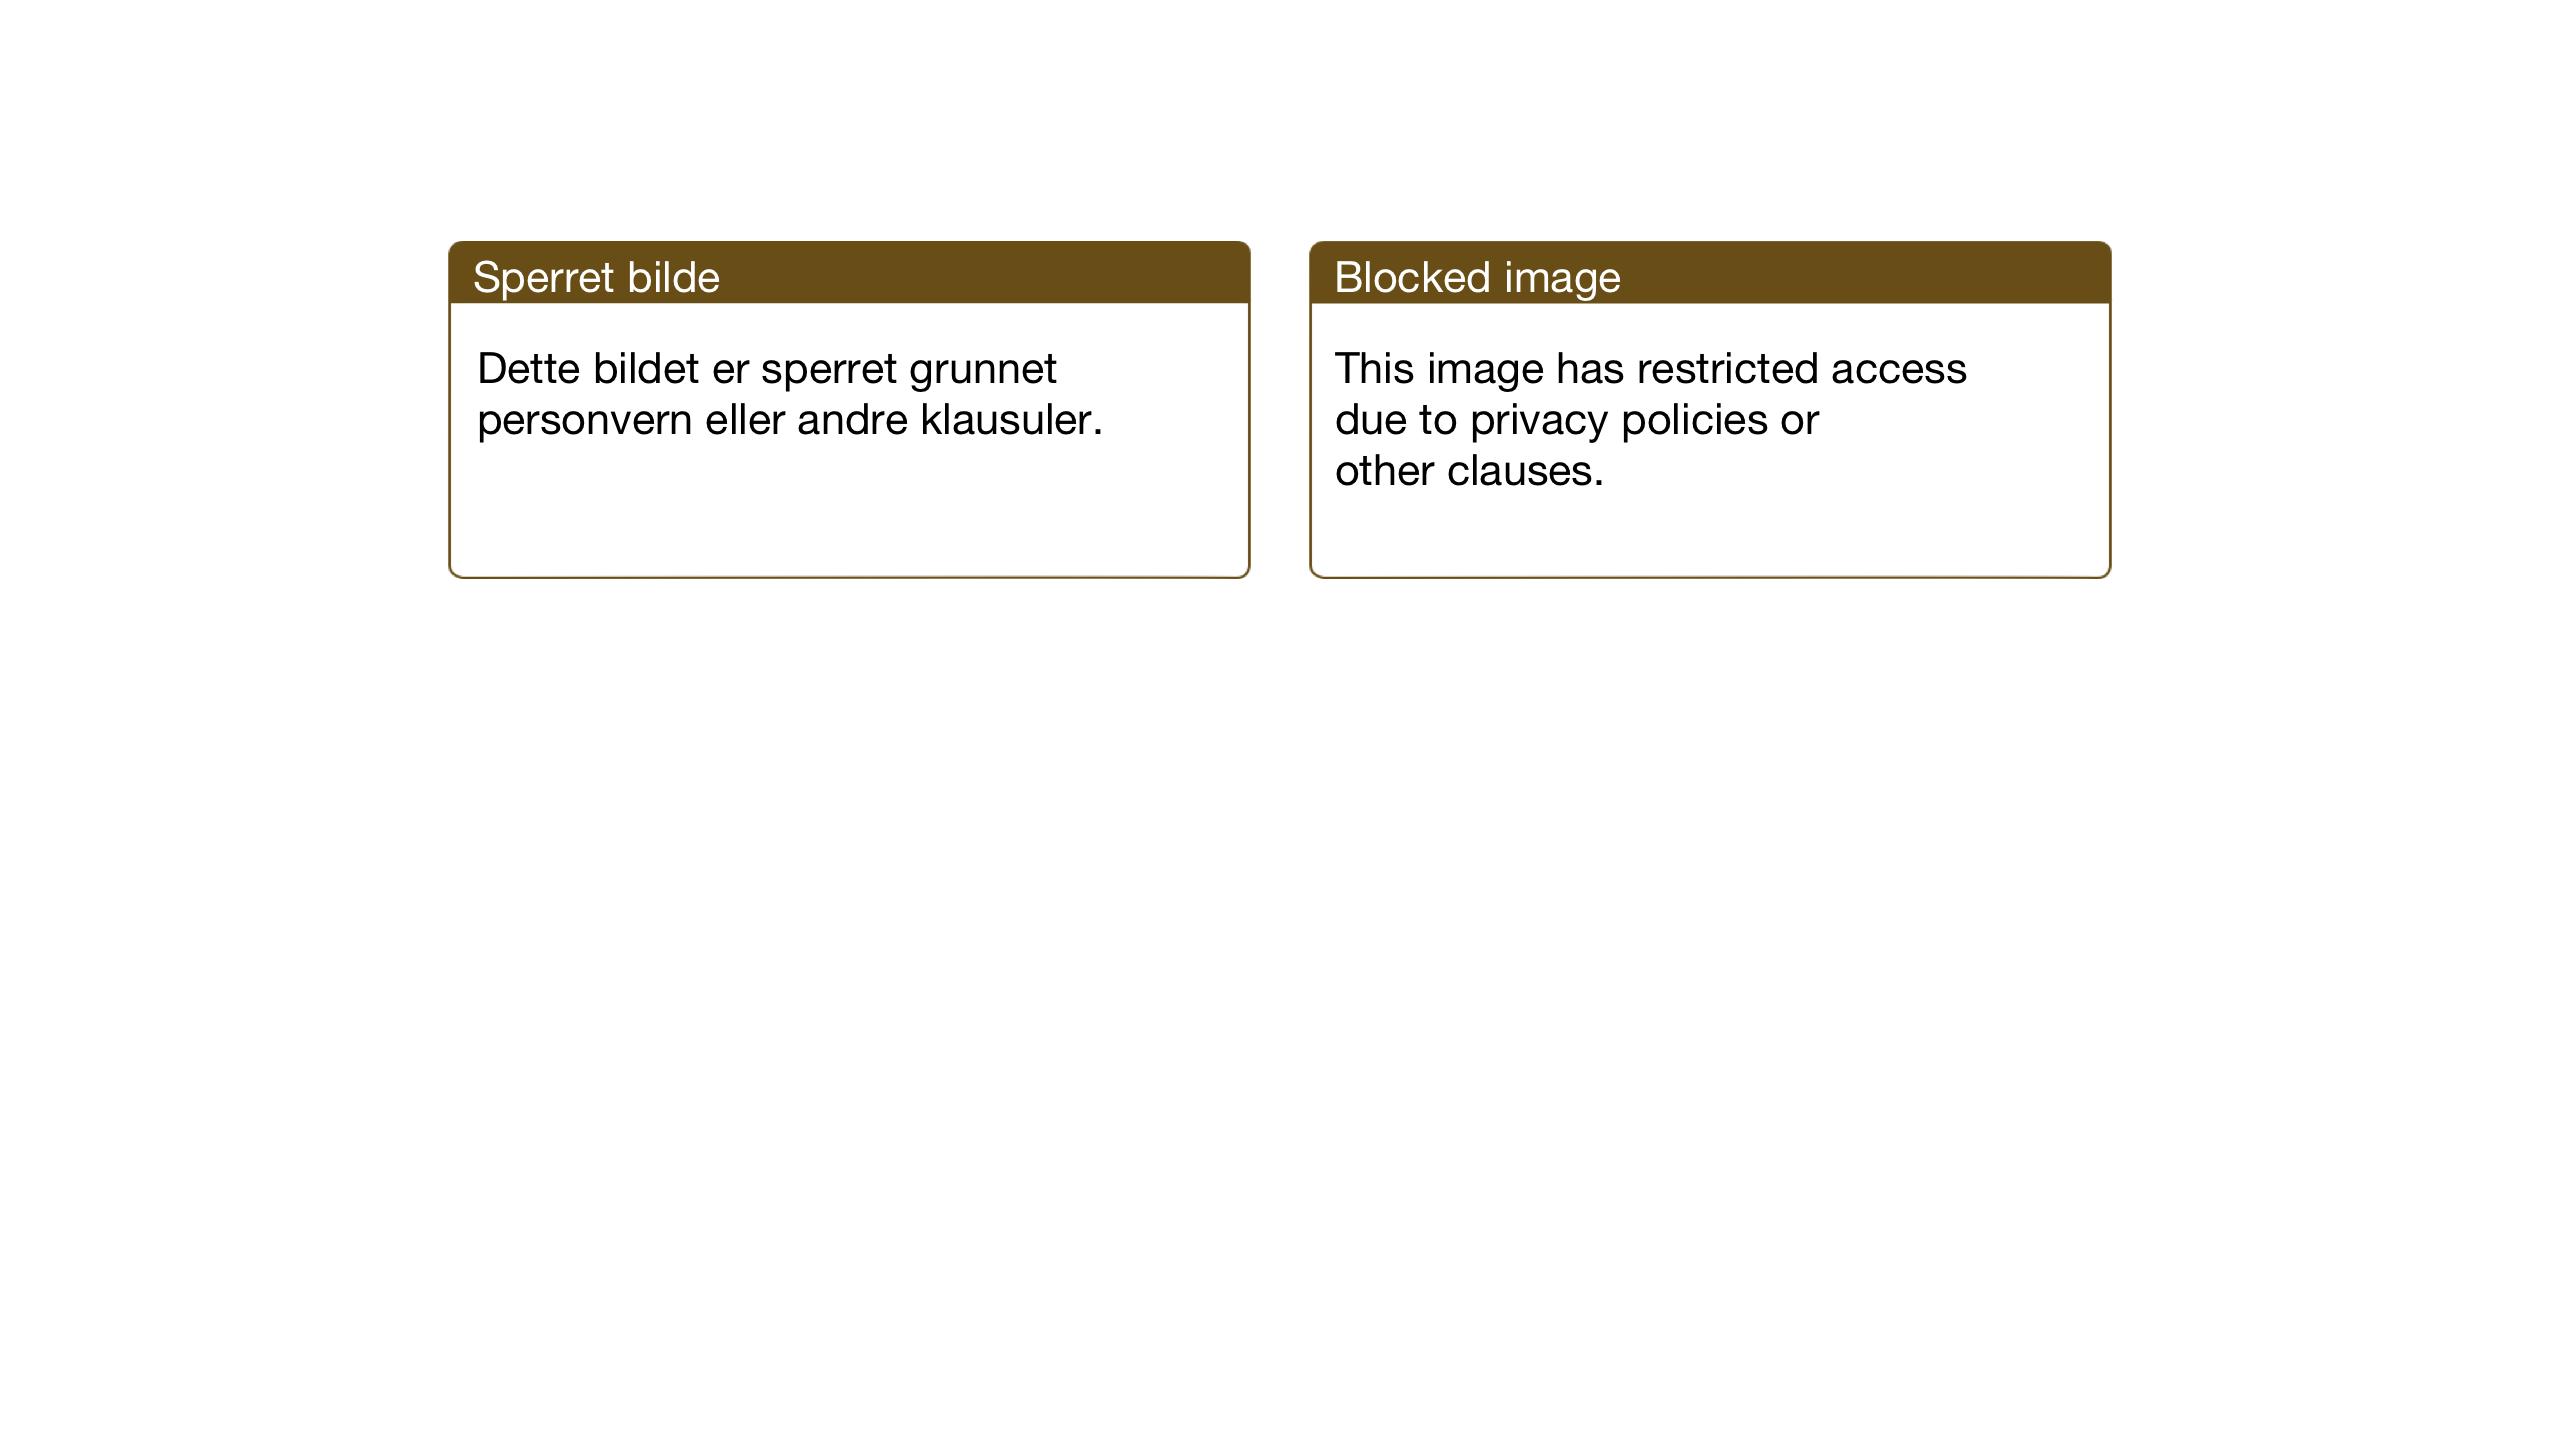 SAT, Ministerialprotokoller, klokkerbøker og fødselsregistre - Nord-Trøndelag, 712/L0104: Klokkerbok nr. 712C02, 1917-1939, s. 133